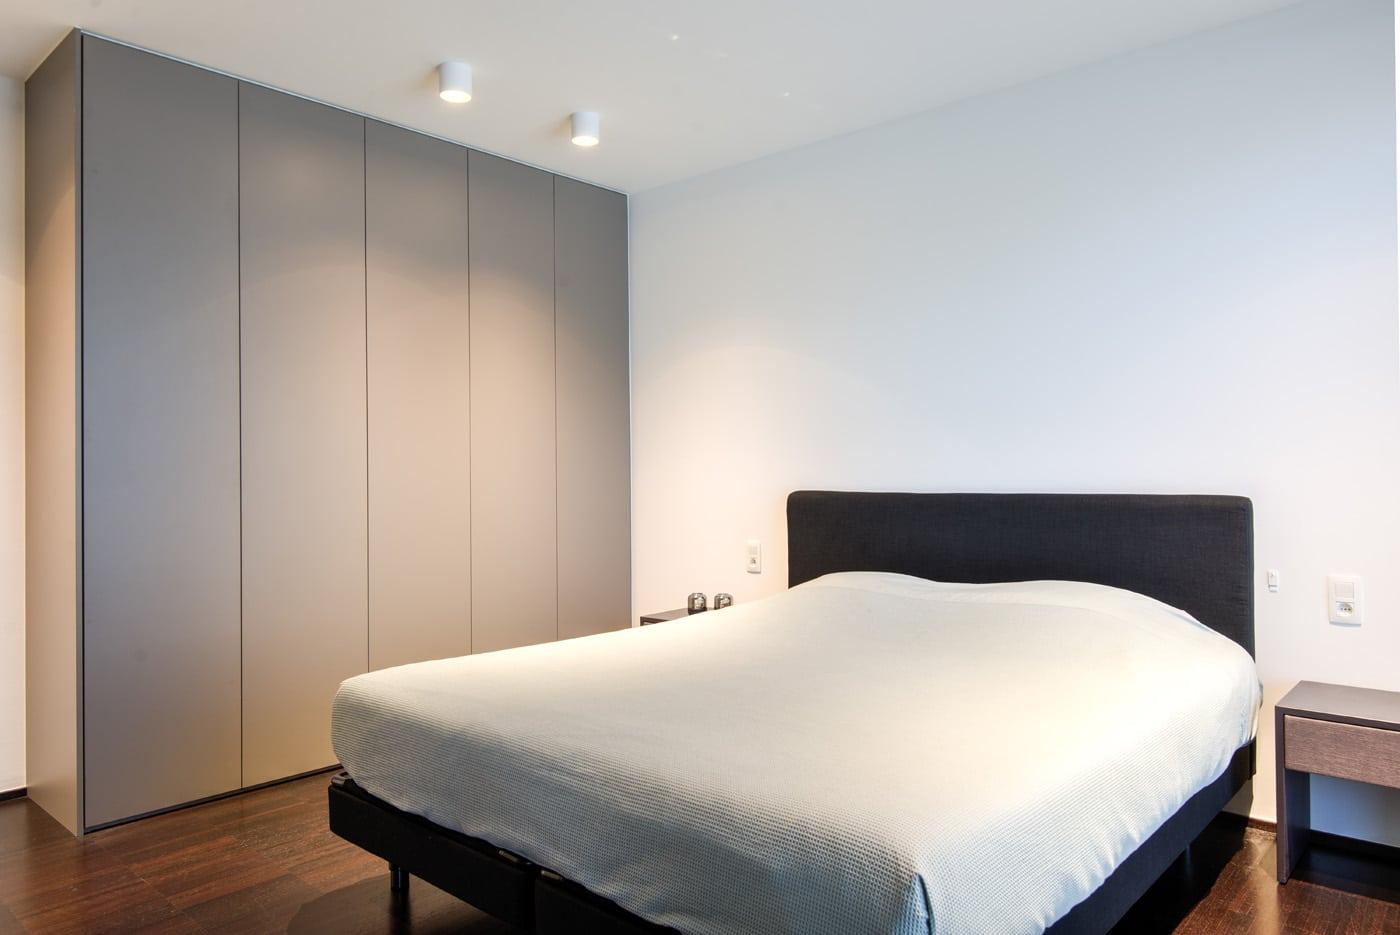 Maatkast in slaapkamer 1